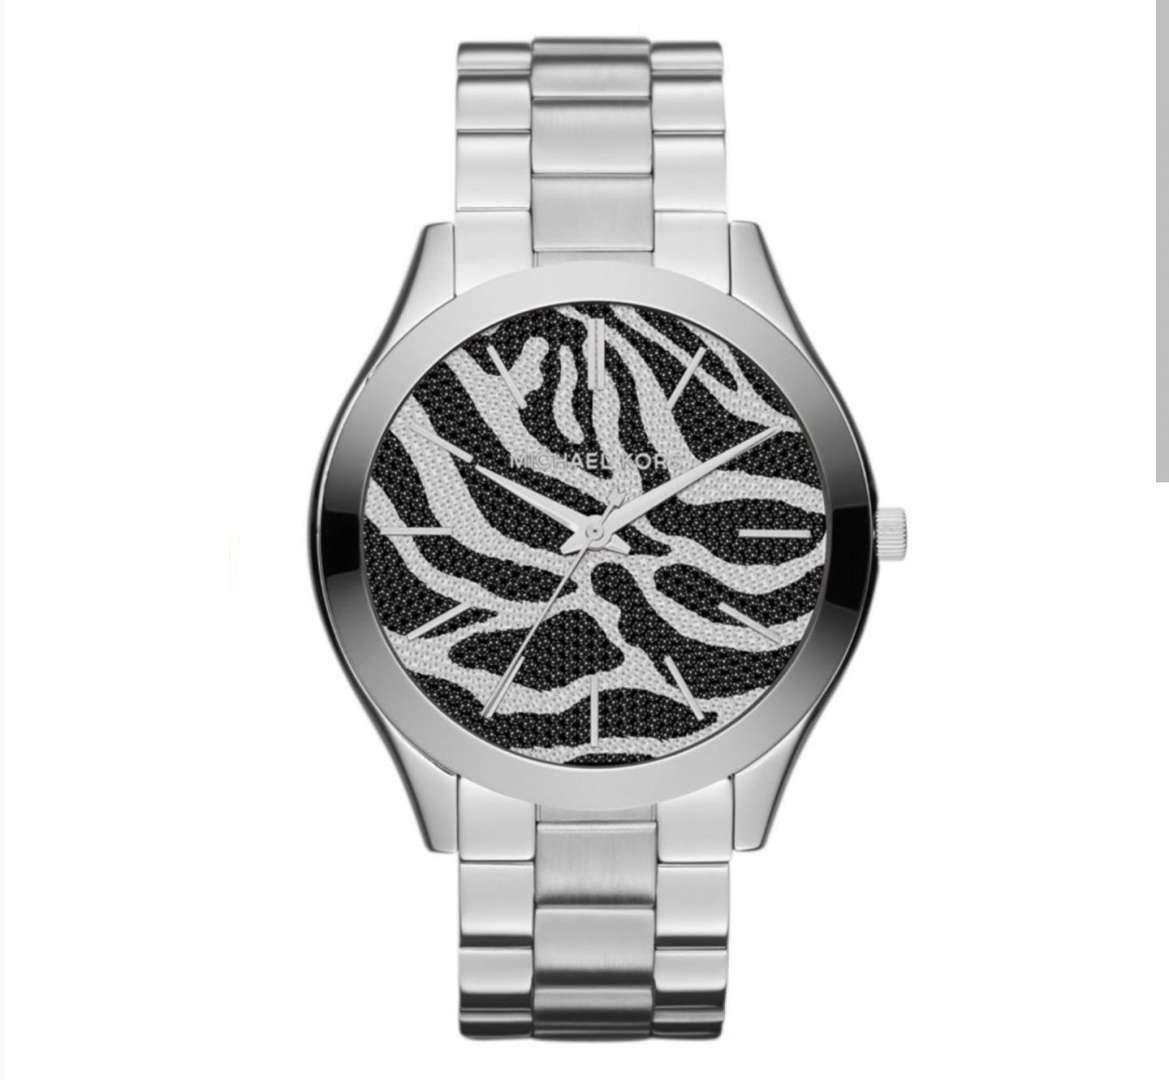 שעון יד אנלוגי לאישה michael kors mk3314 מייקל קורס